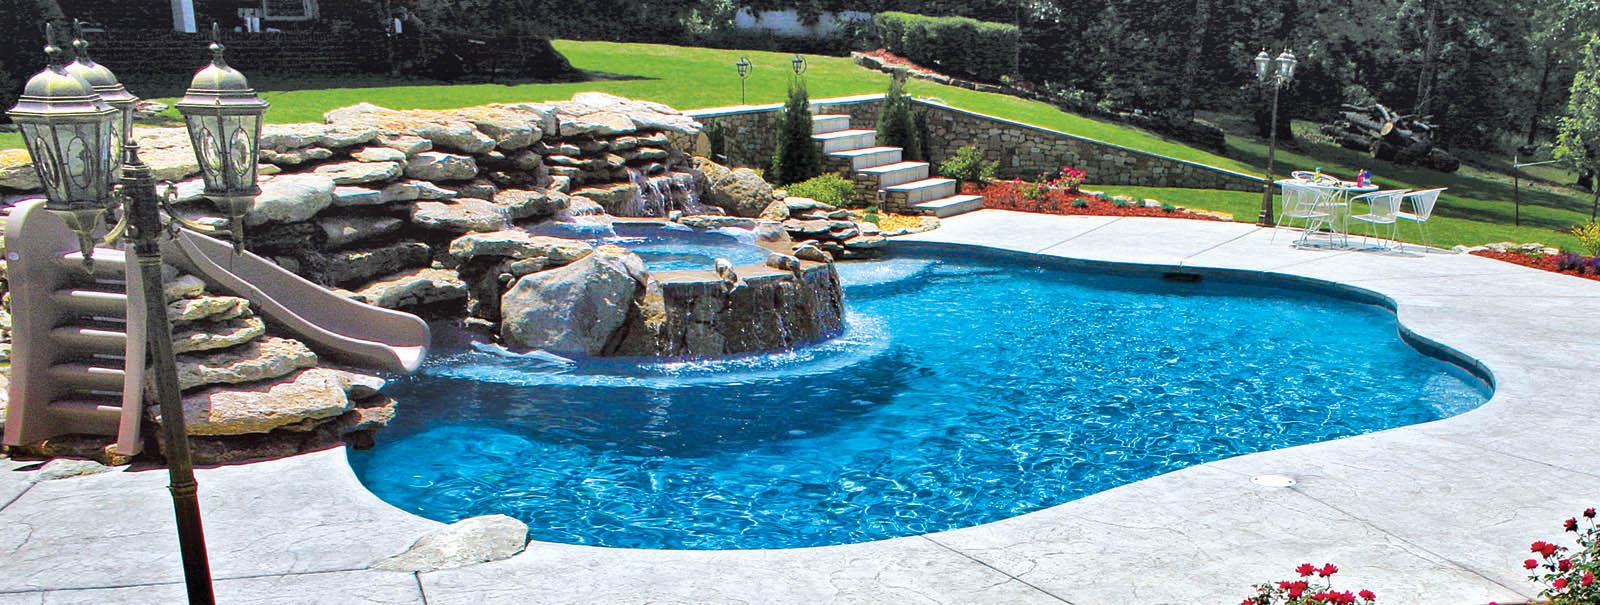 Tulsa Henley Pool - 6-11-09 001